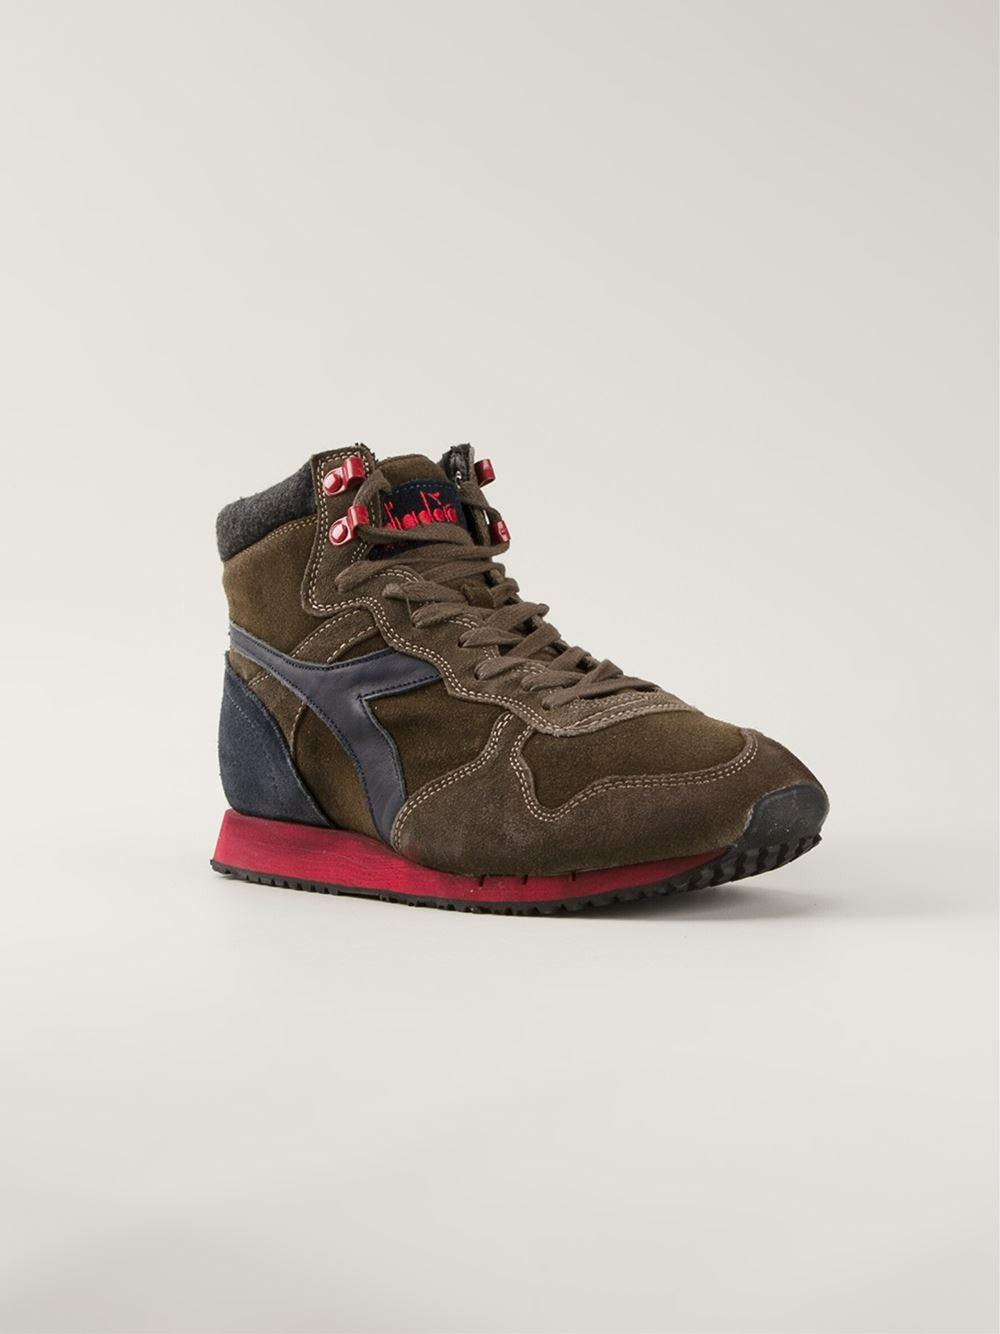 diadora sneakers - photo #18